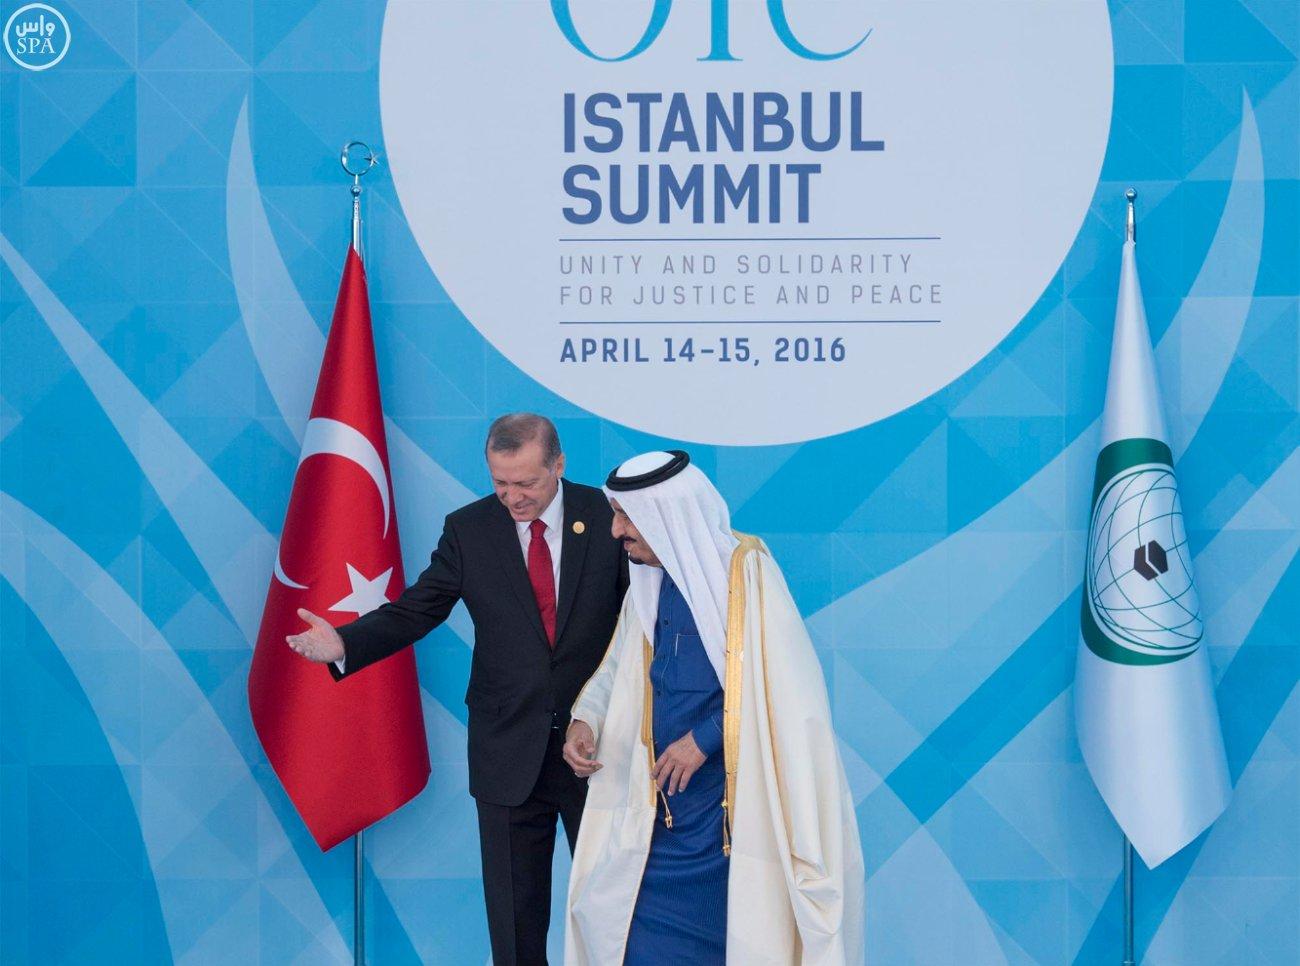 الملك سلمان بالقمة الاسلامية بتركيا (7)